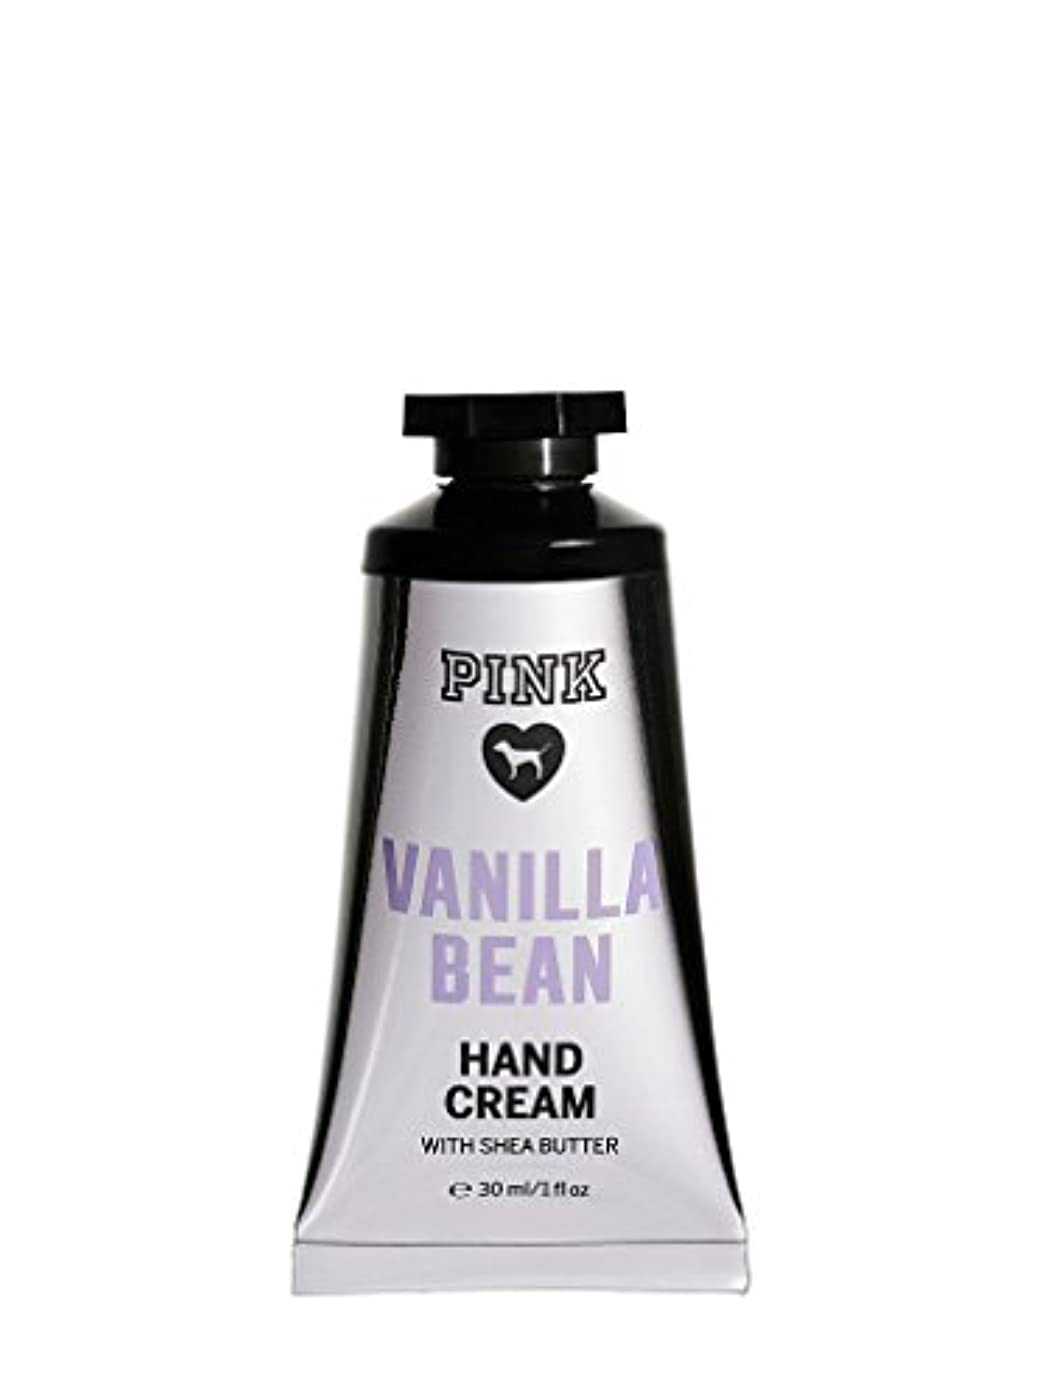 ガイド城圧縮されたVICTORIA'S SECRET ヴィクトリアシークレット/ビクトリアシークレット PINK バニラビーンズ ハンドクリーム/PINK HAND CREAM [並行輸入品]